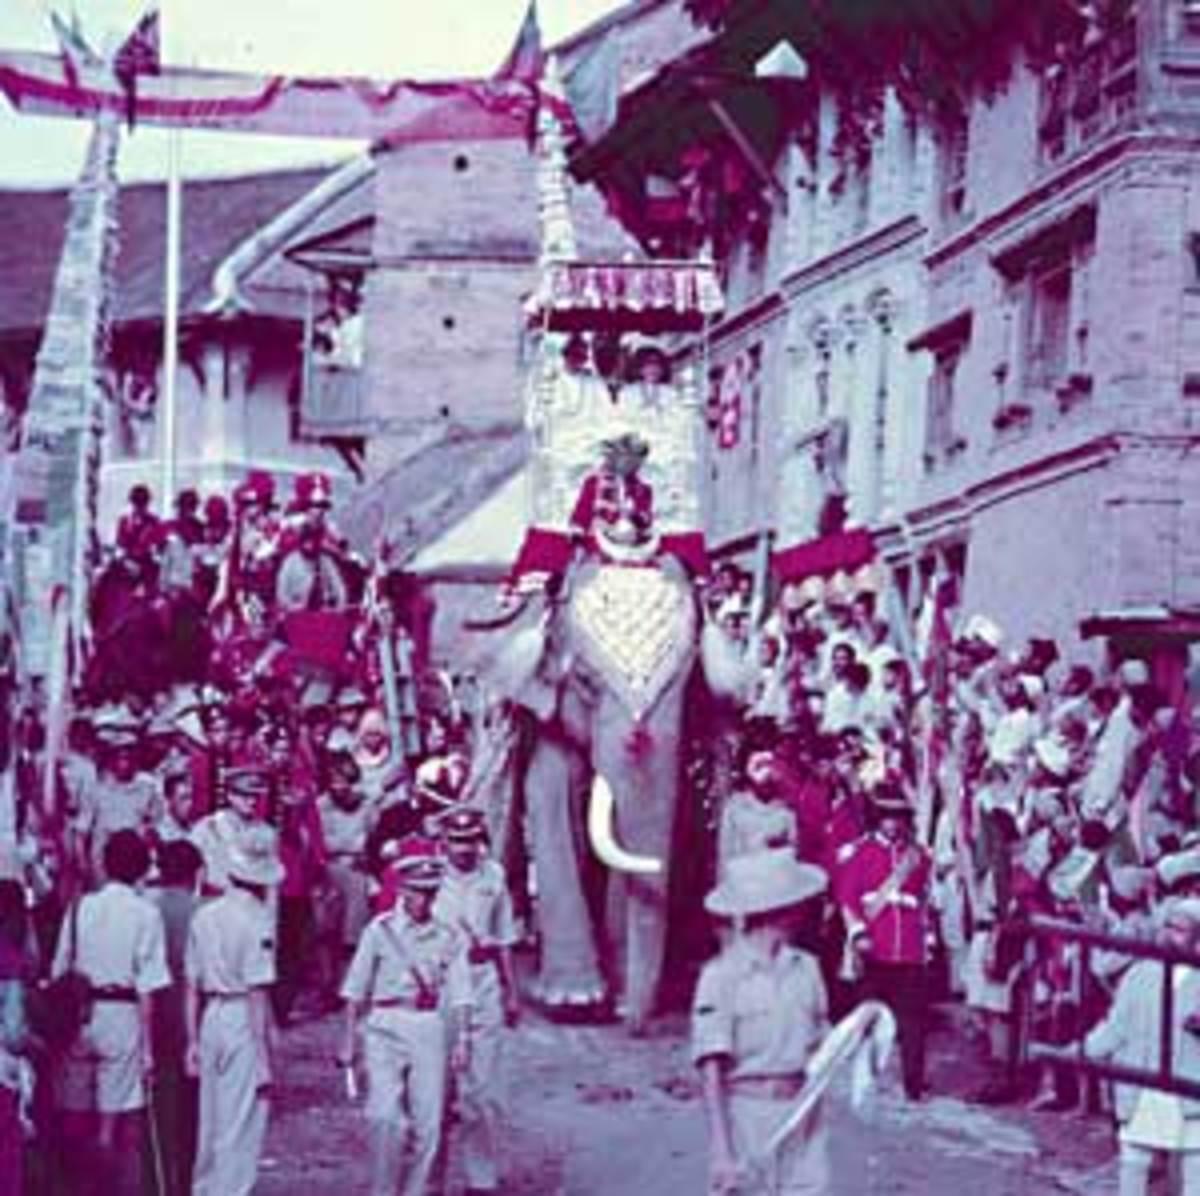 King Mahendra's Coronation ceremony